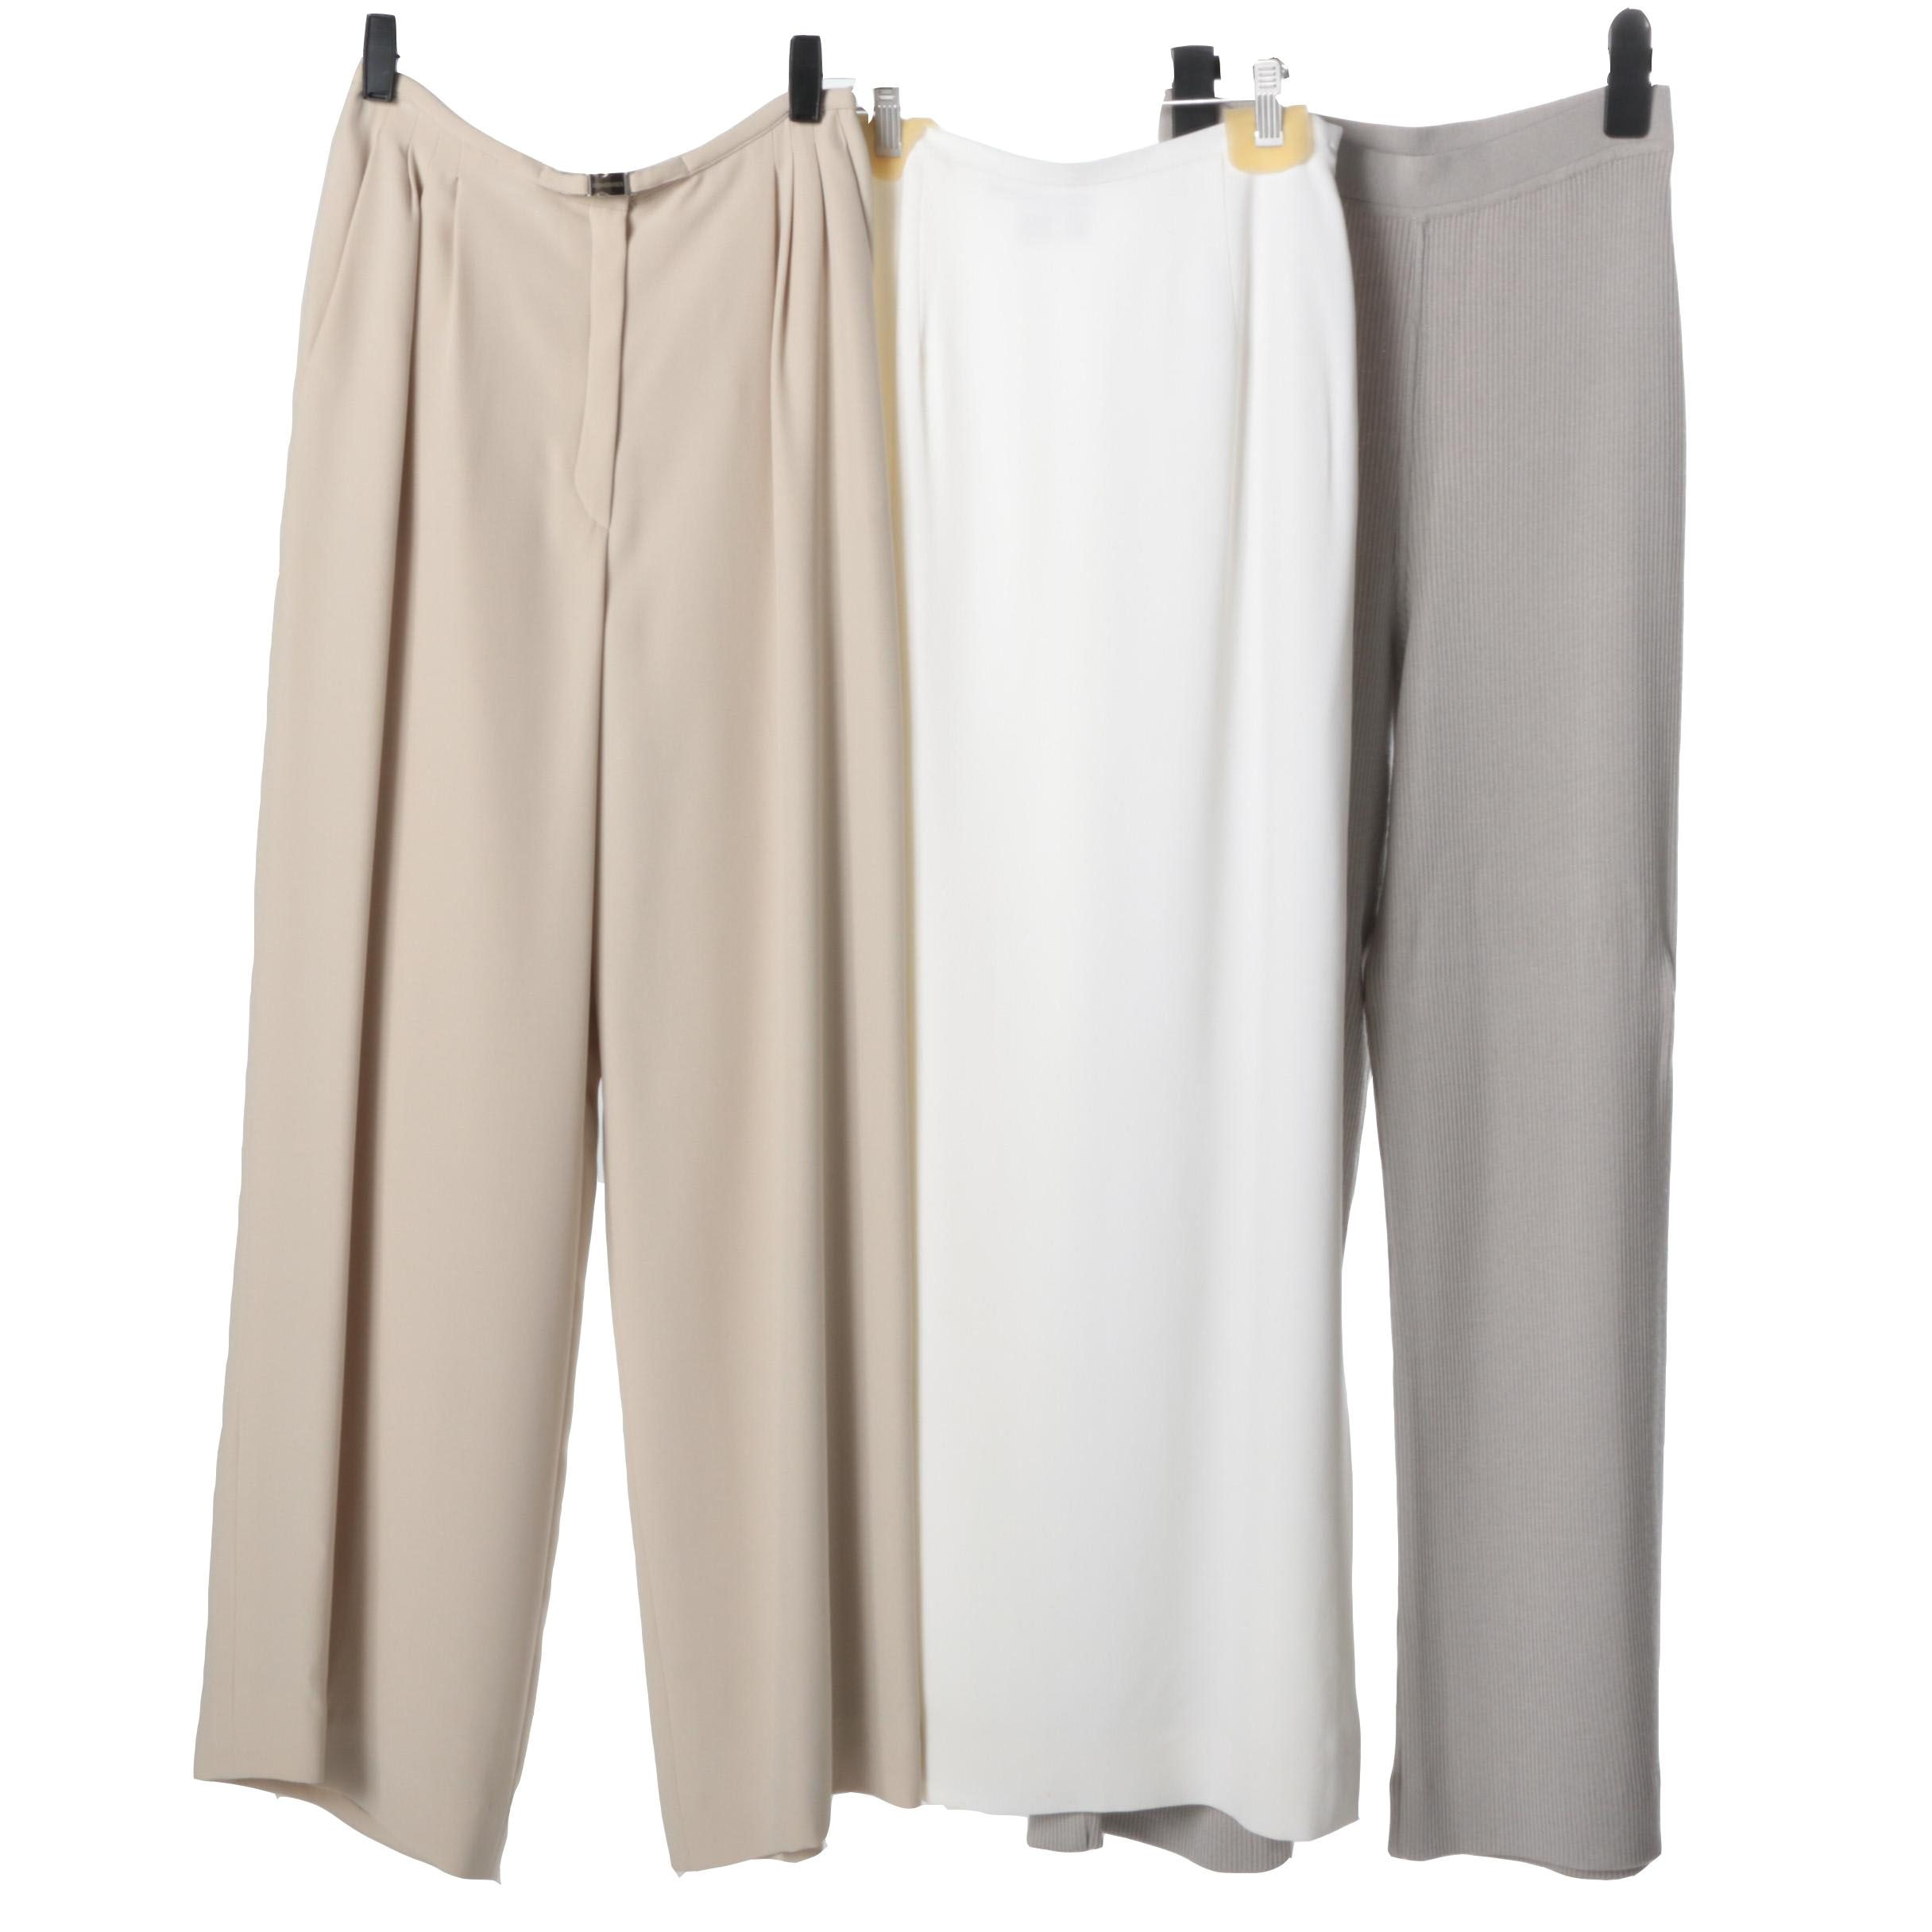 Jean-Louis Scherrer Skirt and Pants